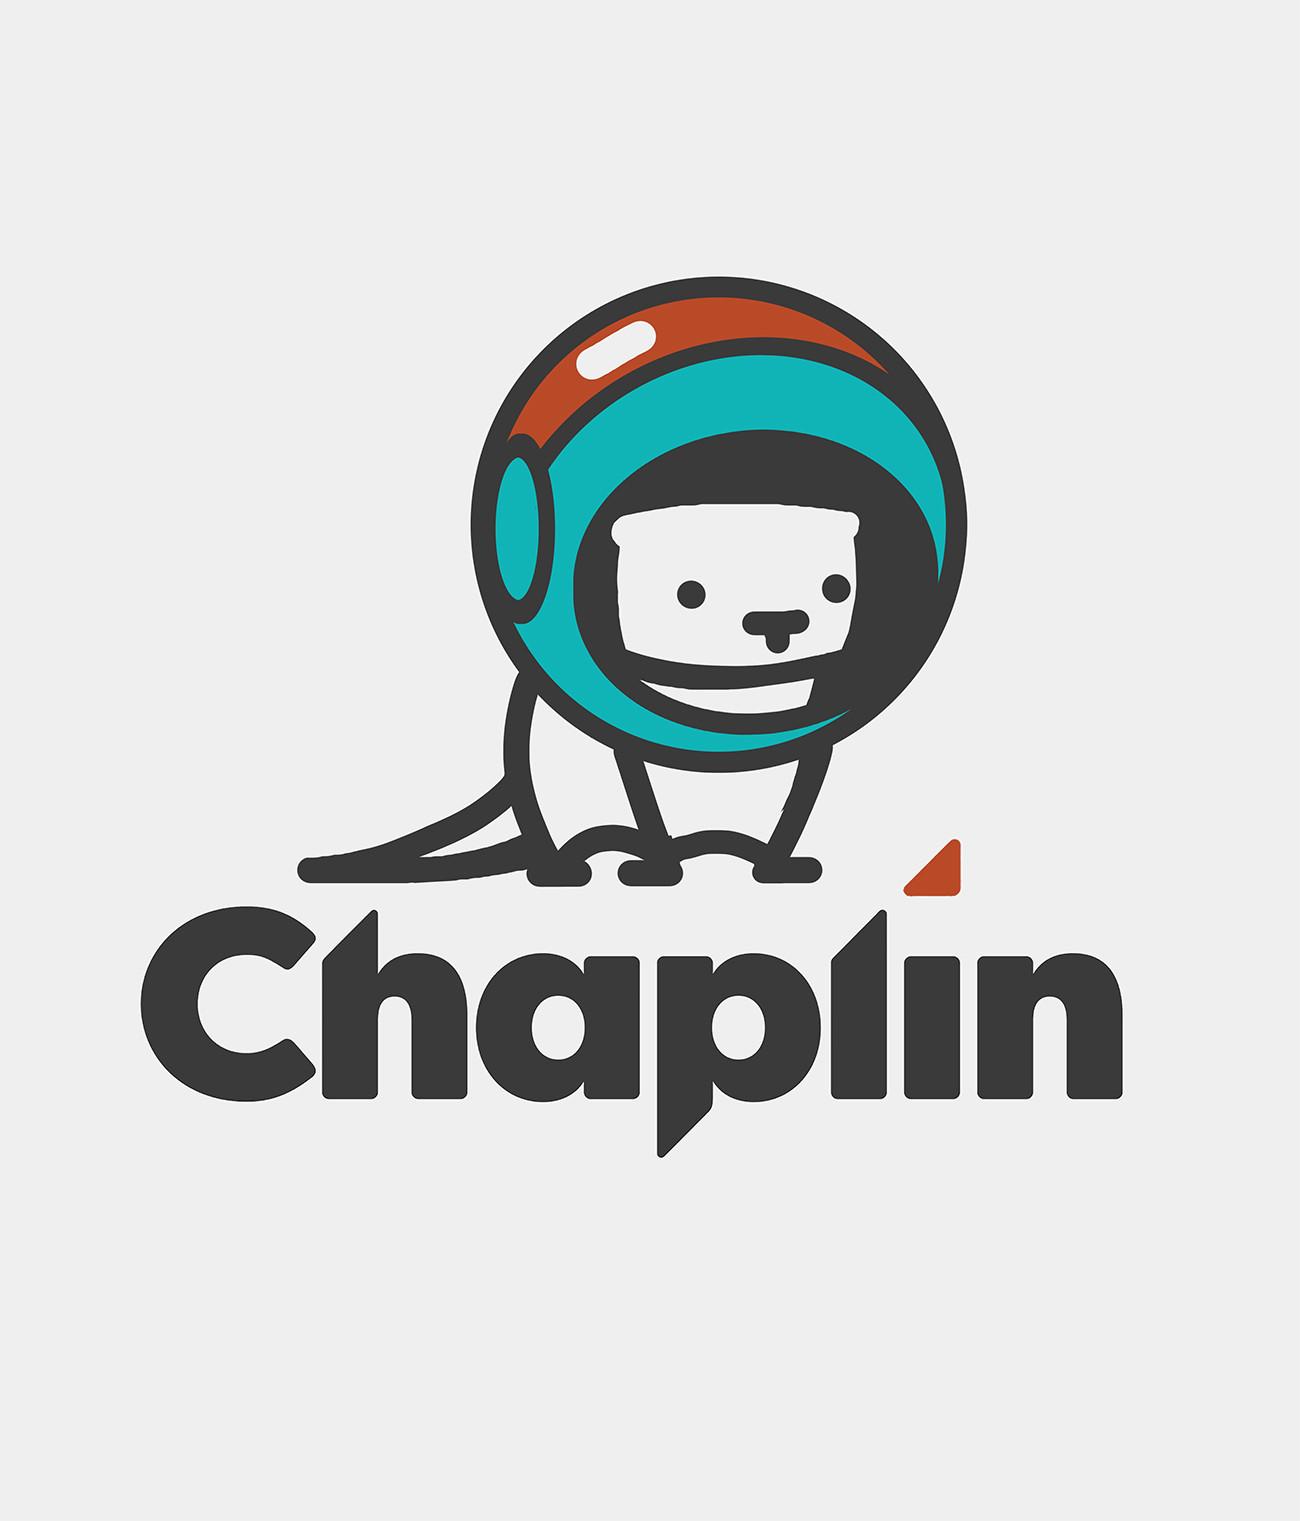 Izaak moody chaplin studio logo